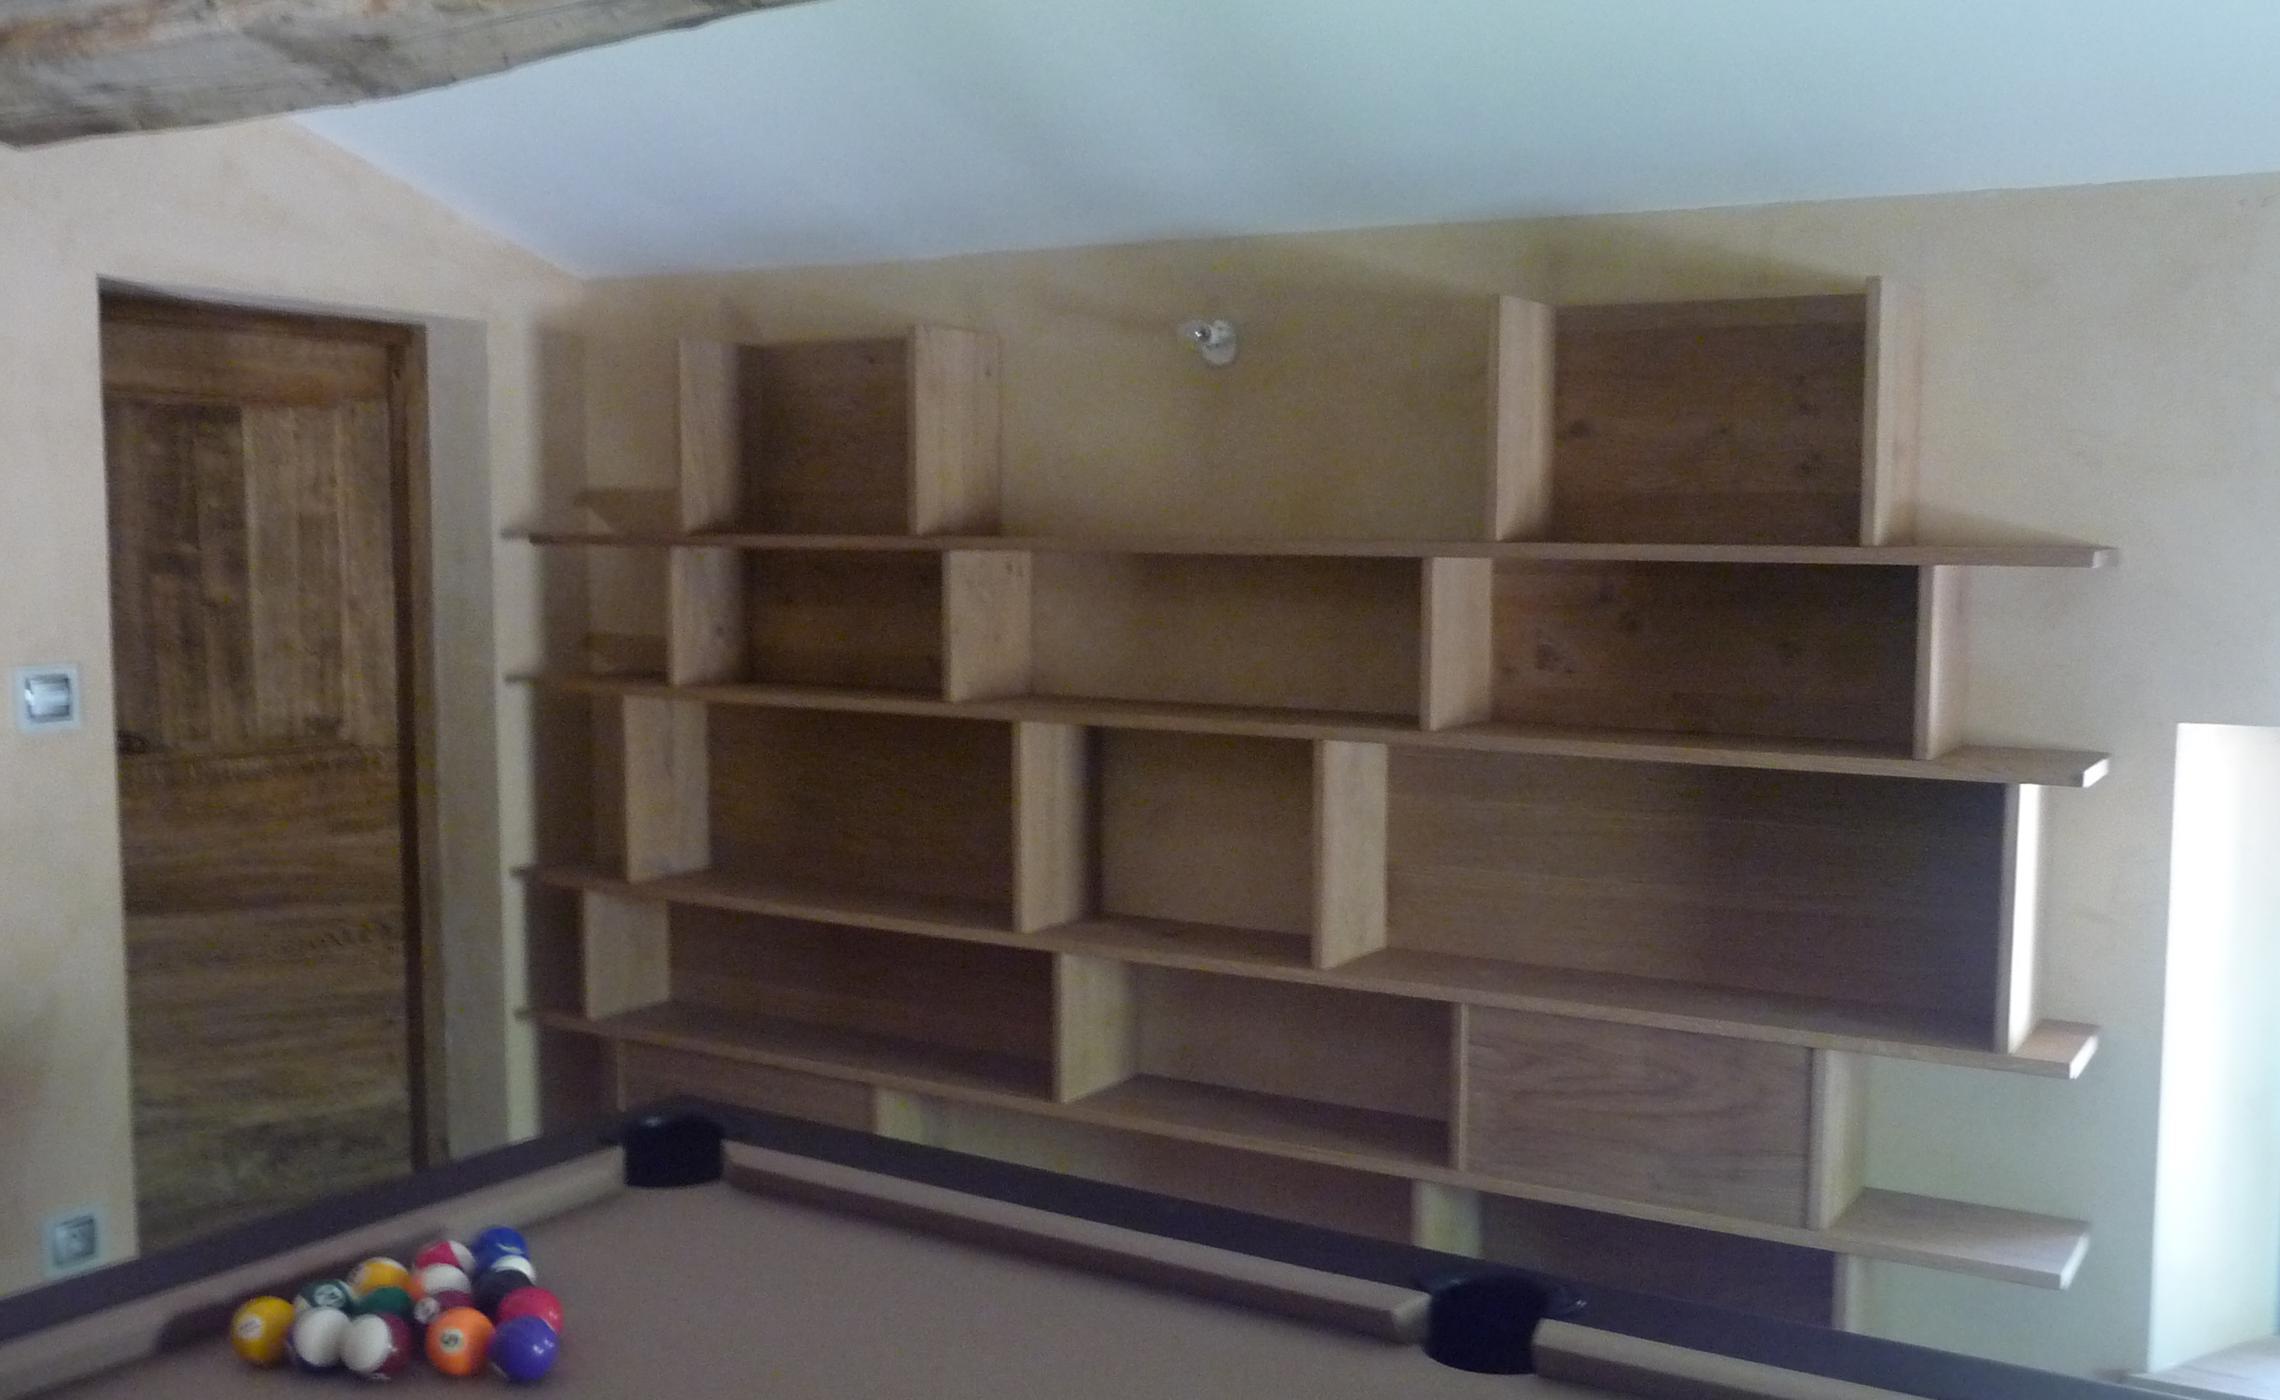 biblioth que sur mesure en ch ne sur mesure delorme meubles. Black Bedroom Furniture Sets. Home Design Ideas